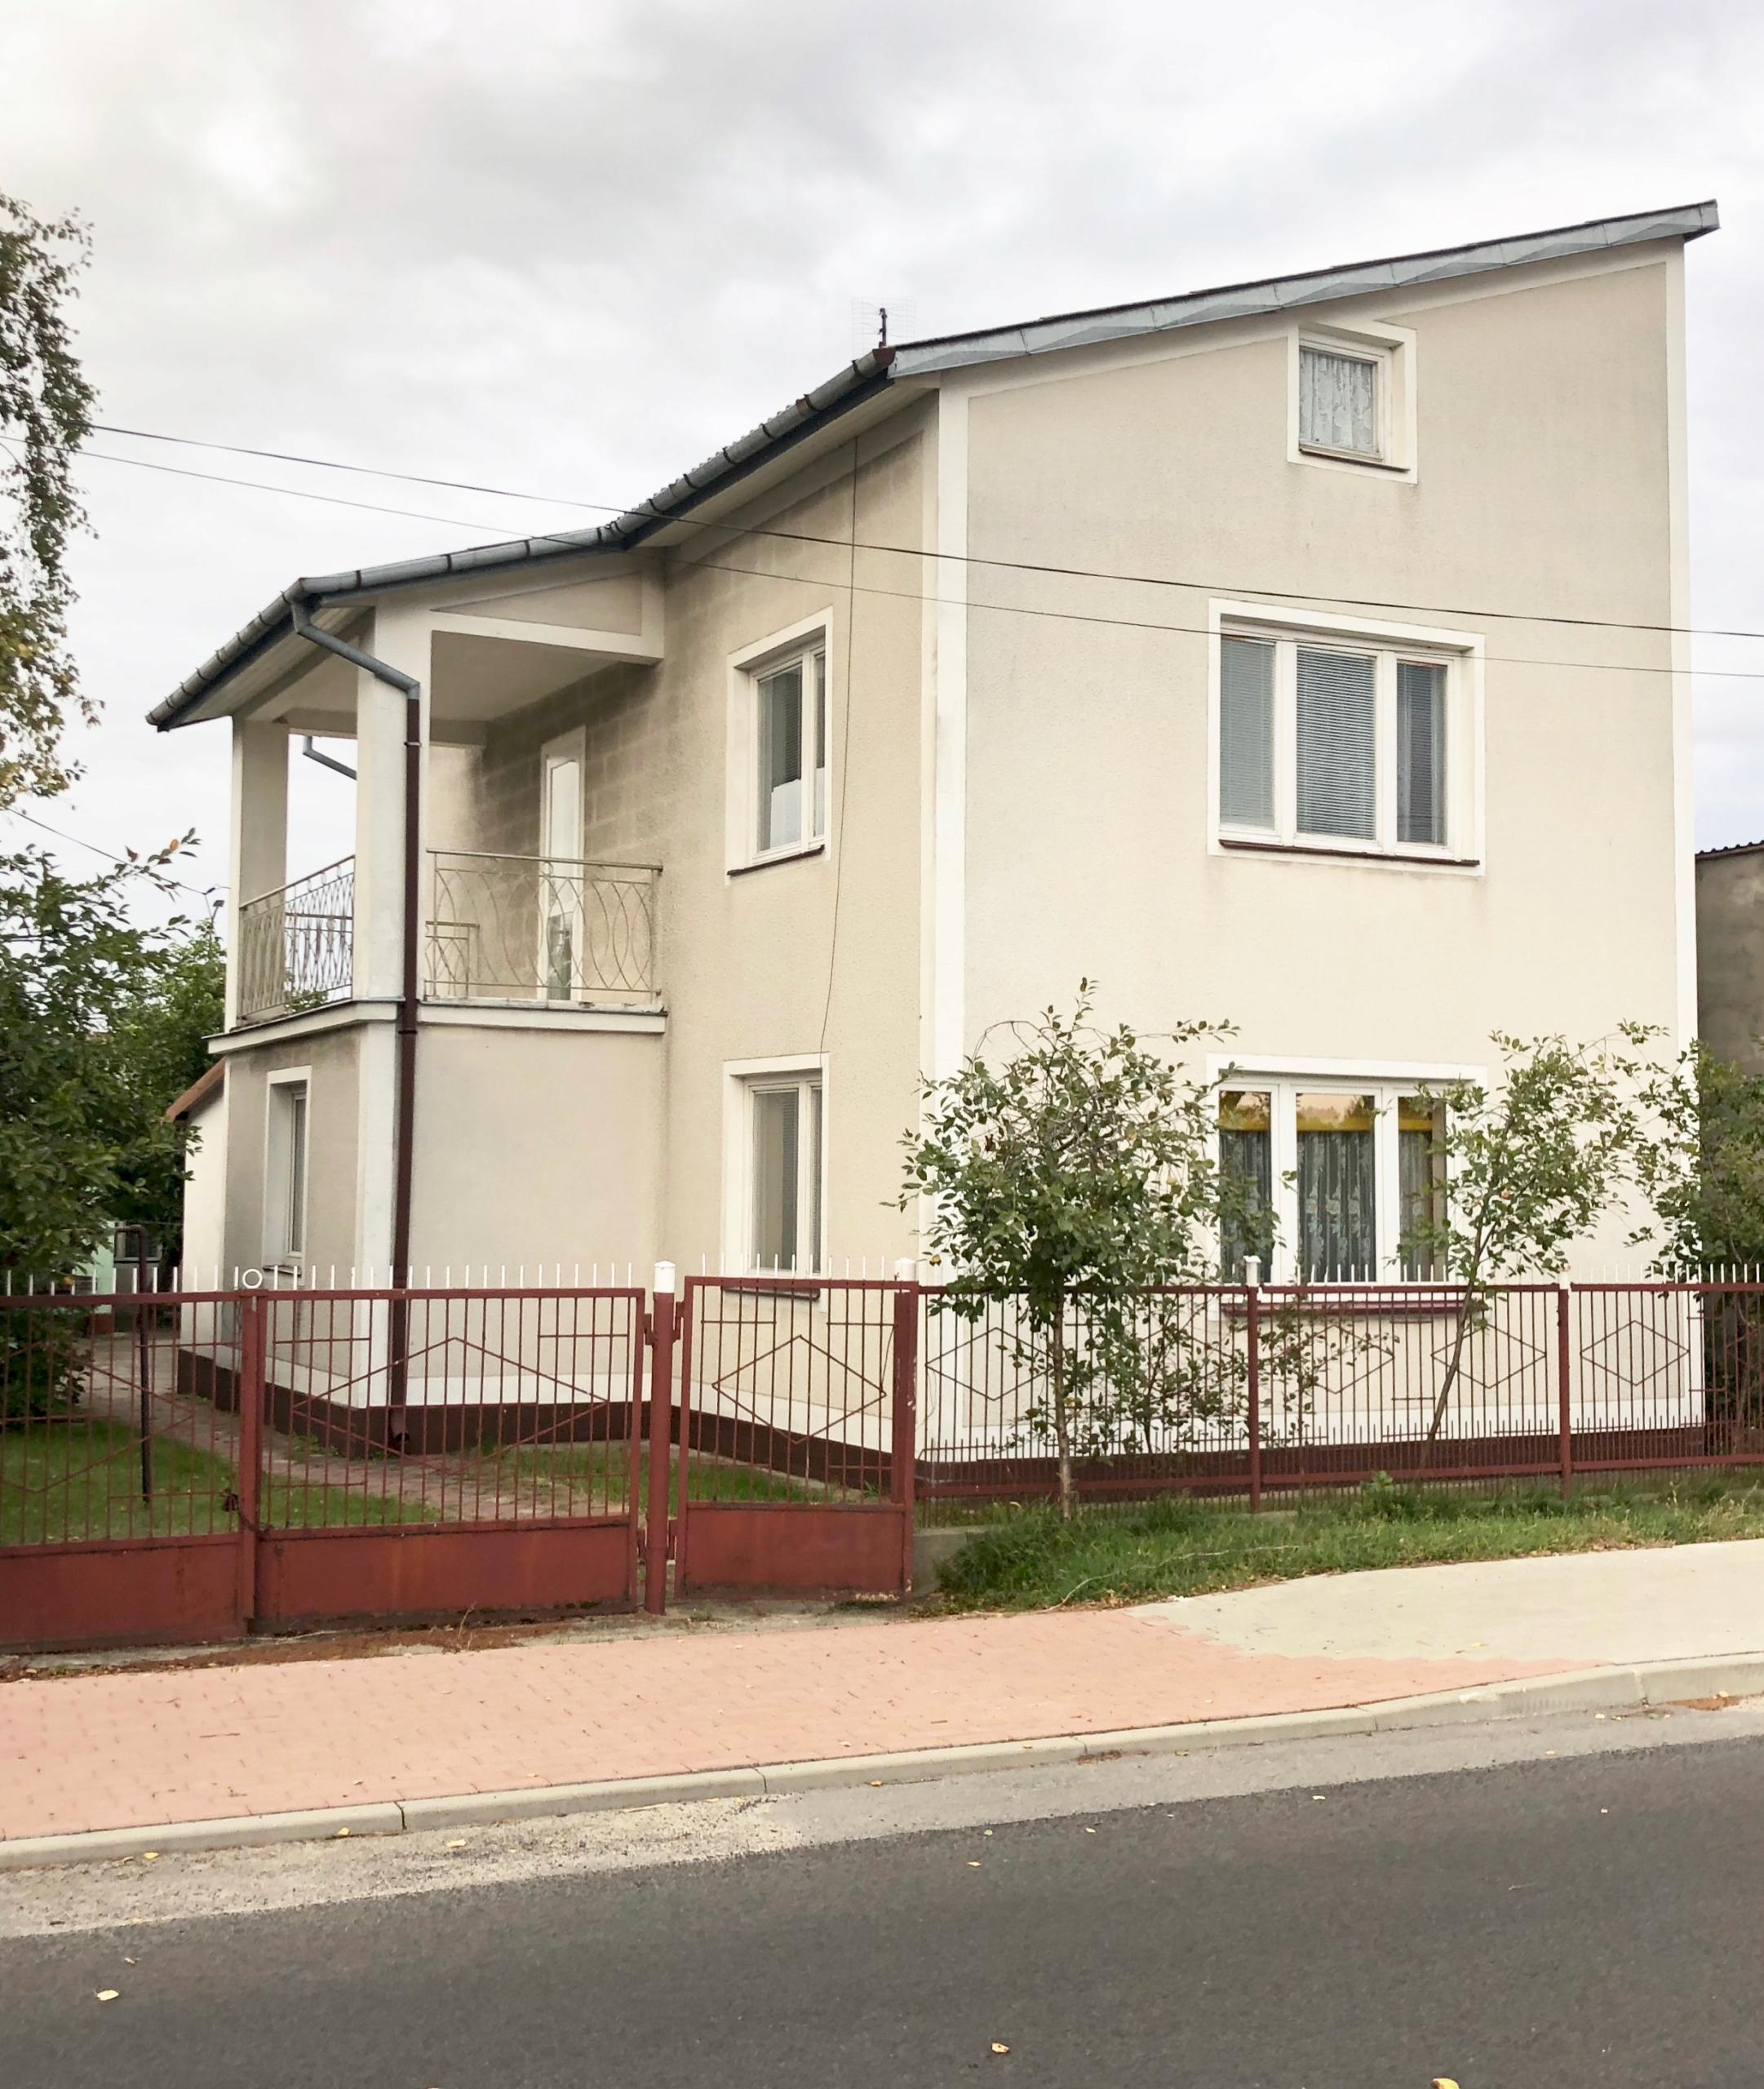 Dom jednorodzinny w Stoczku Łukowskim